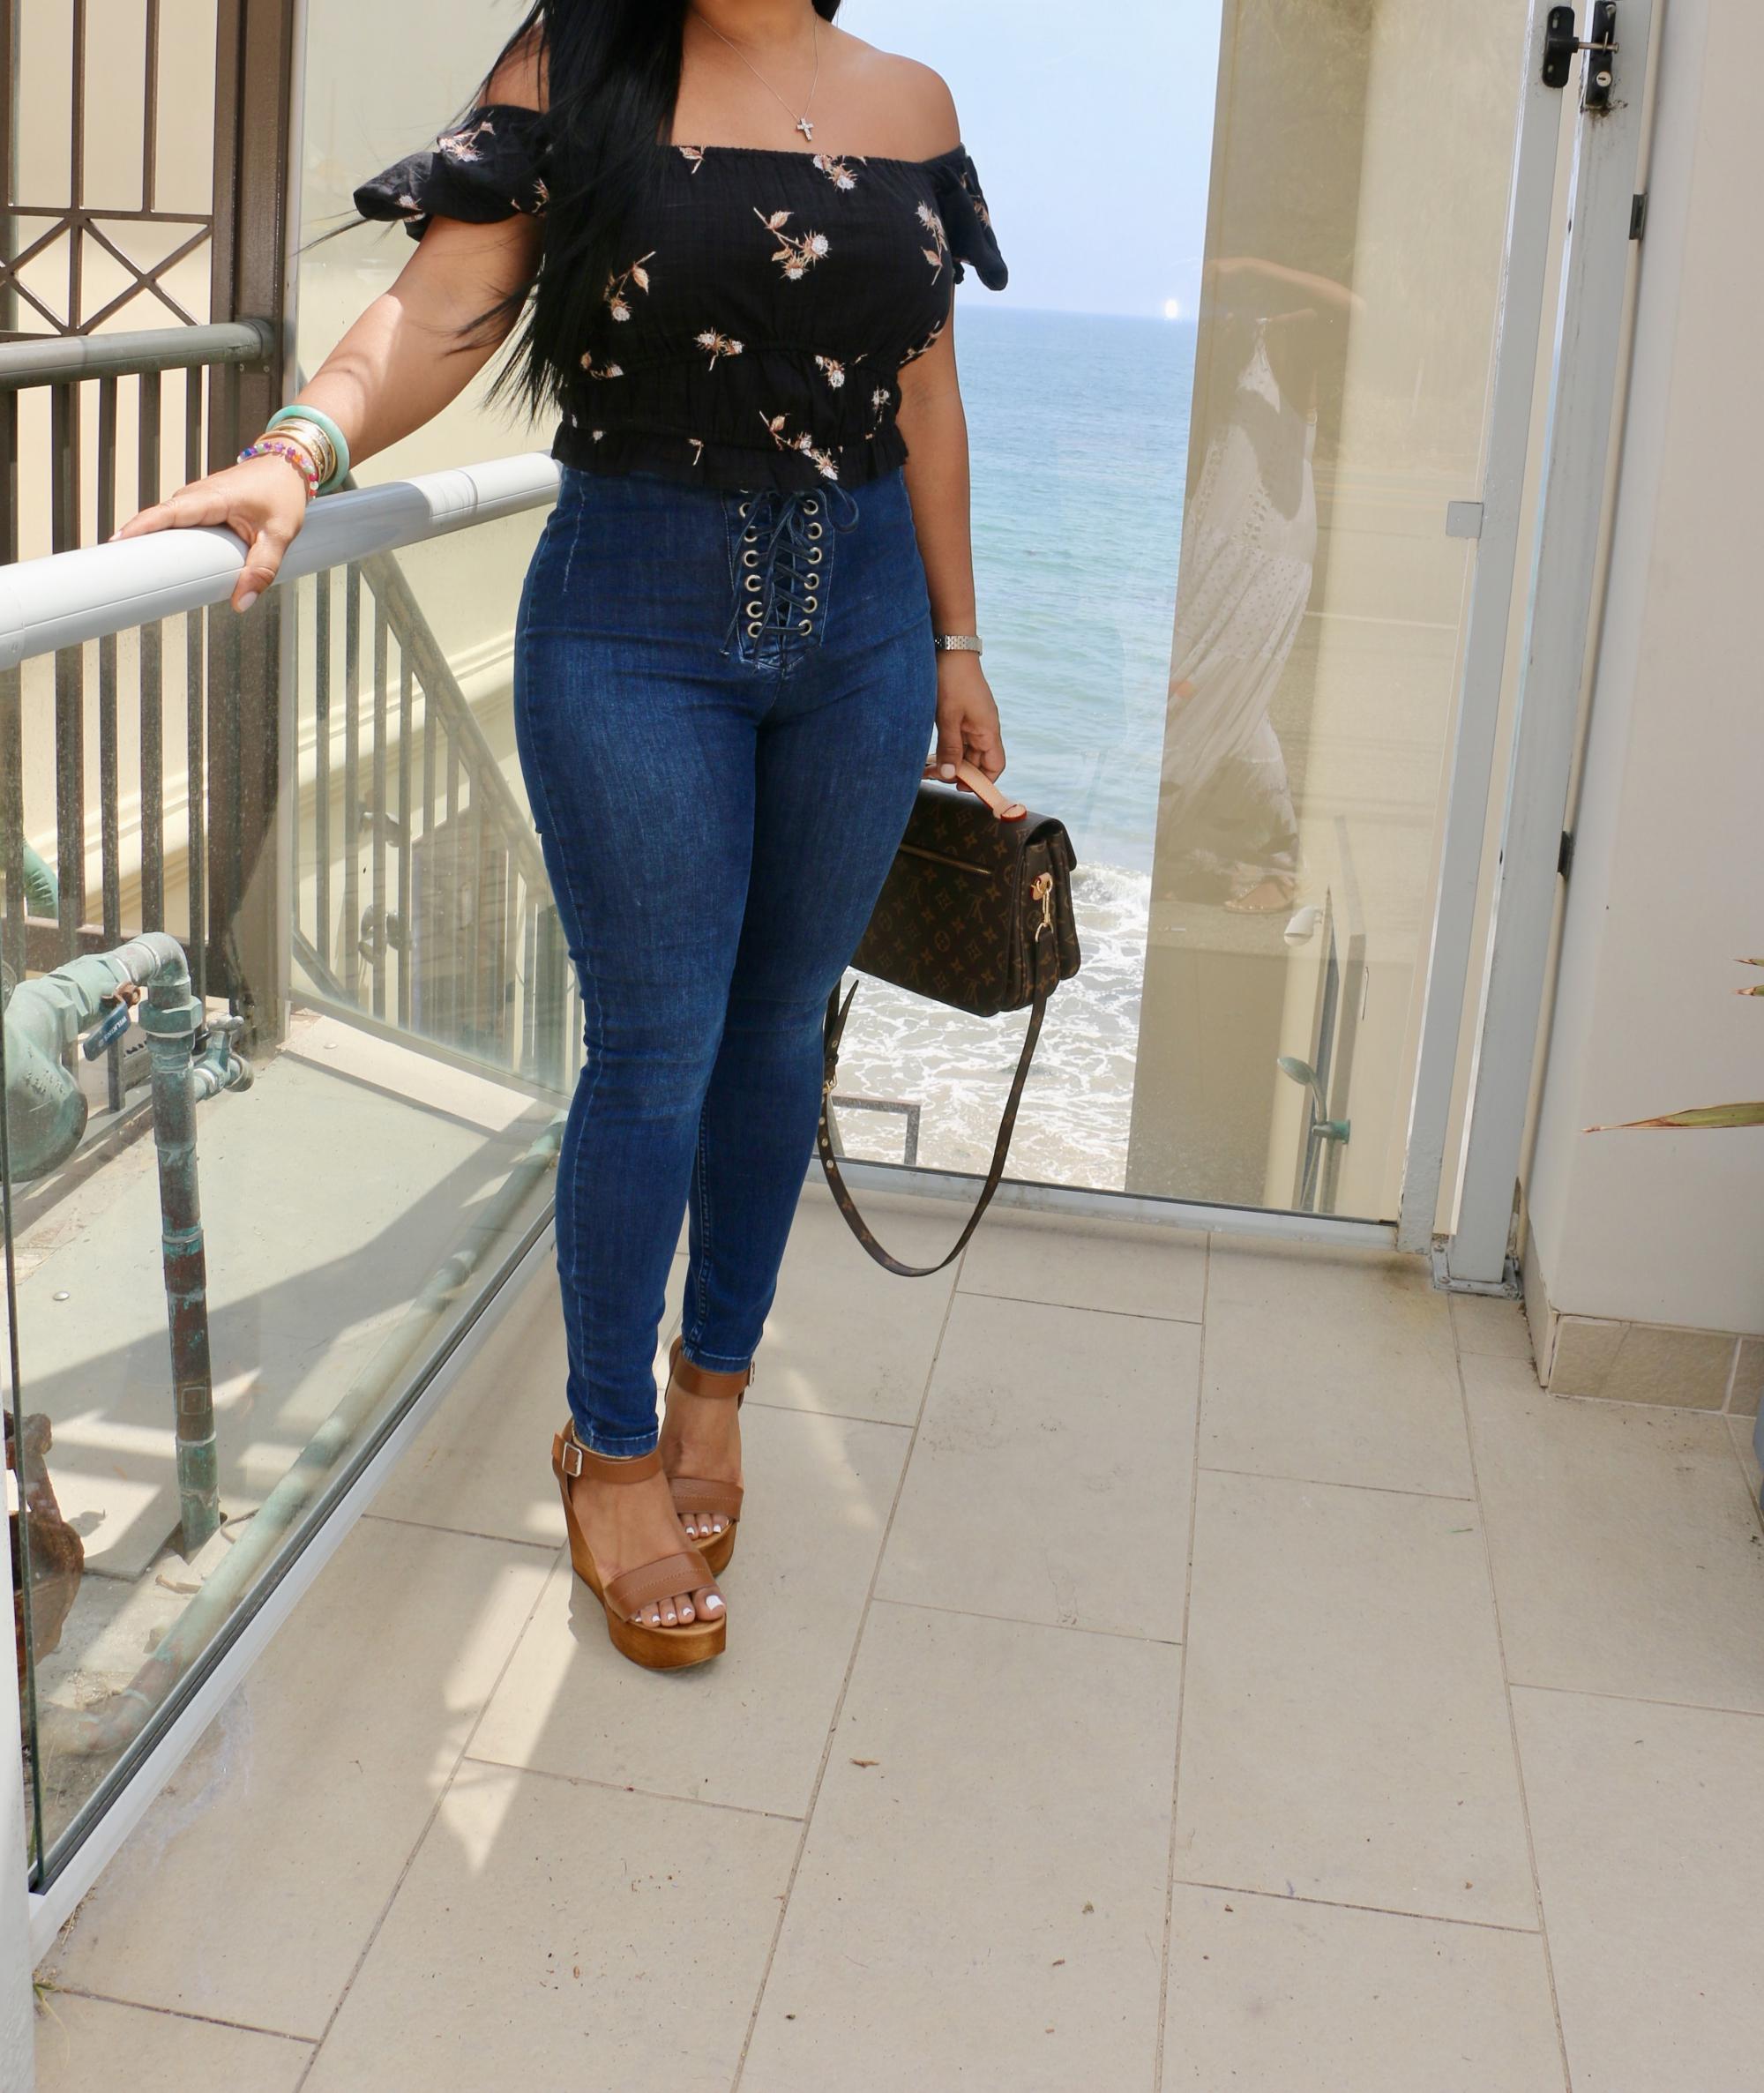 fashion blogger majormusthaves